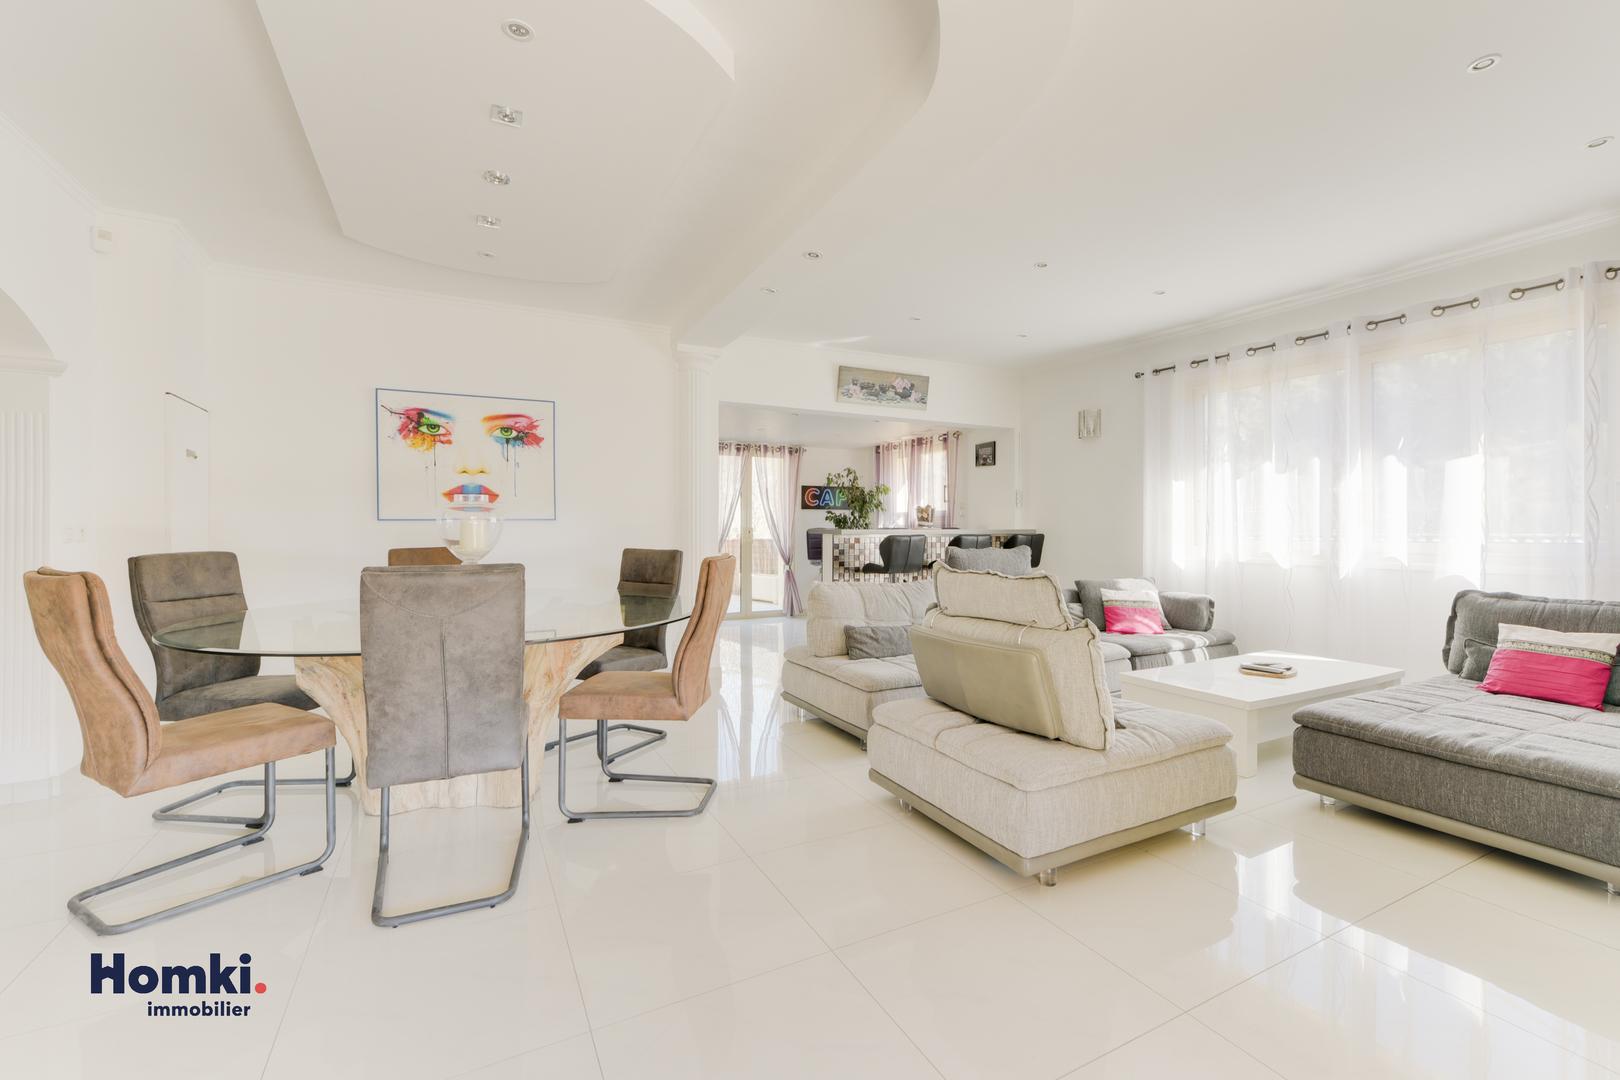 Vente Maison 160 m² T5 06440_2